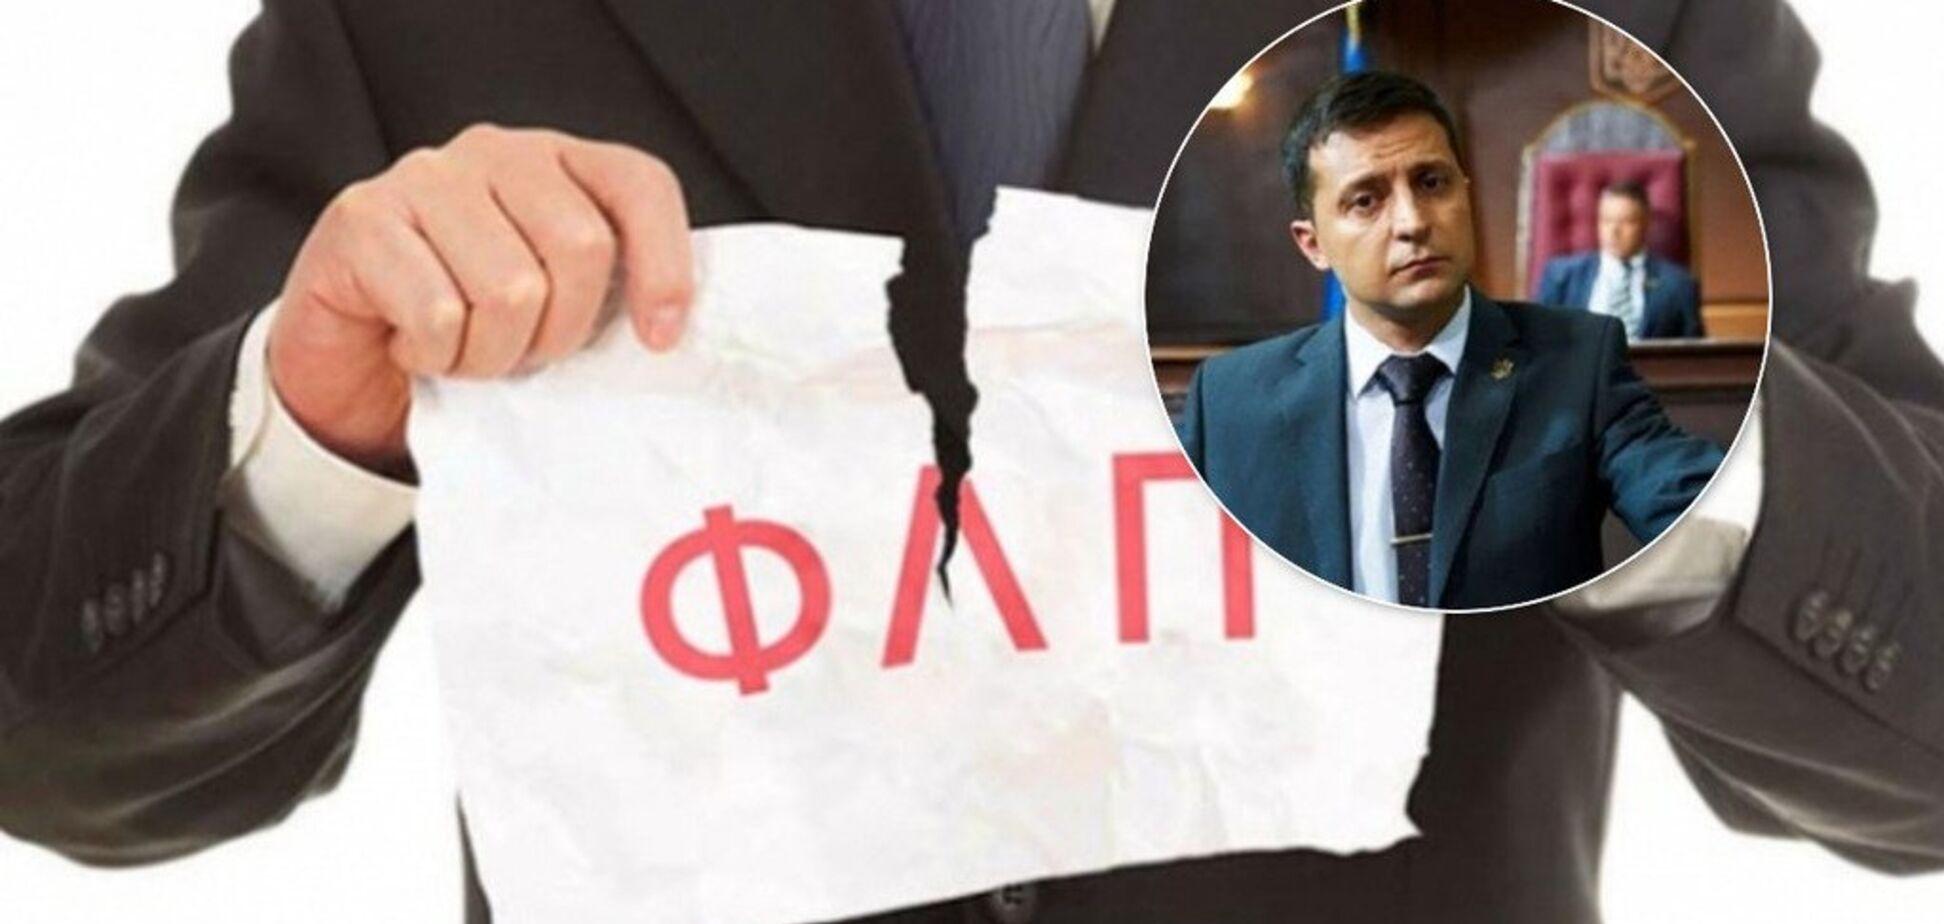 В Украине ввели новые правила для ФЛП: что приняла 'Слуга народа'